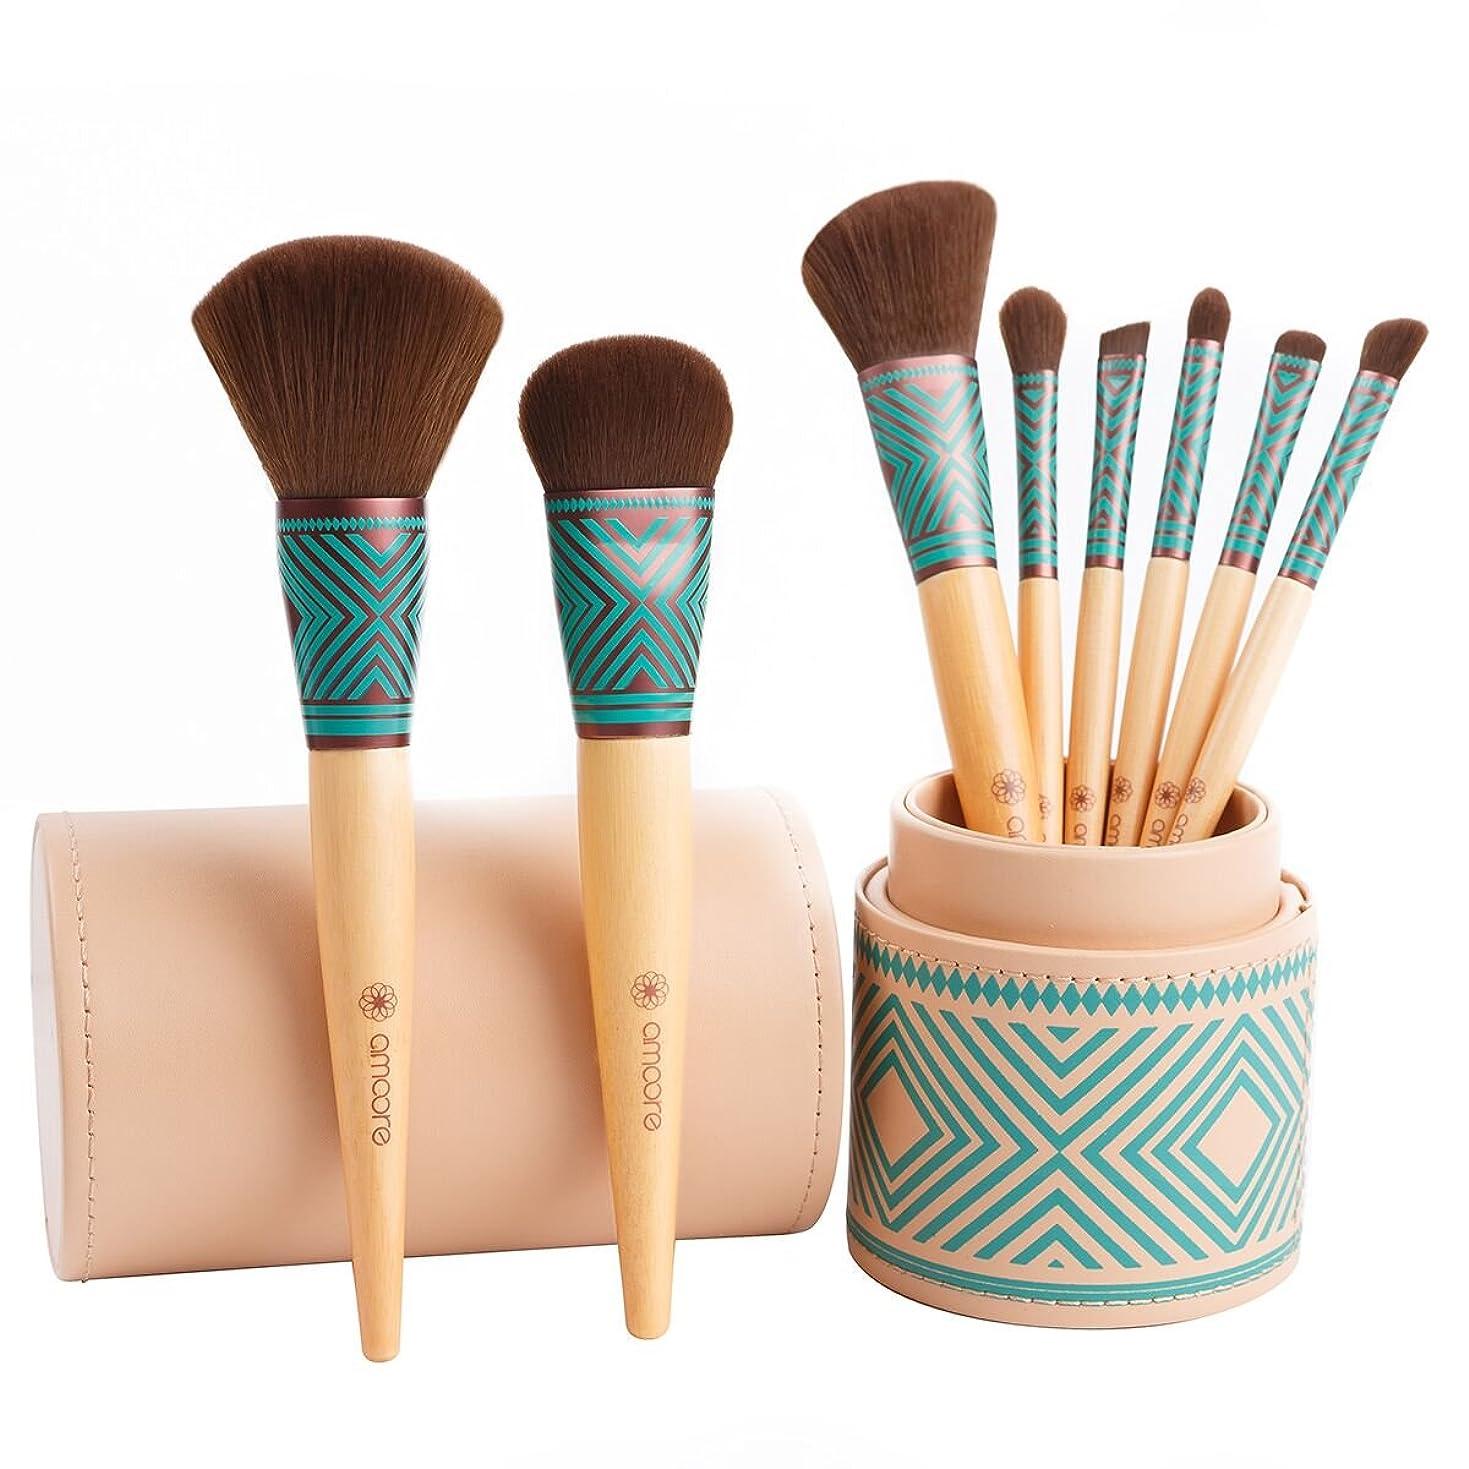 悩むフロンティア参照するamoore 8本 化粧筆 メイクブラシセット 化粧ブラシ セット コスメ ブラシ 収納ケース付き